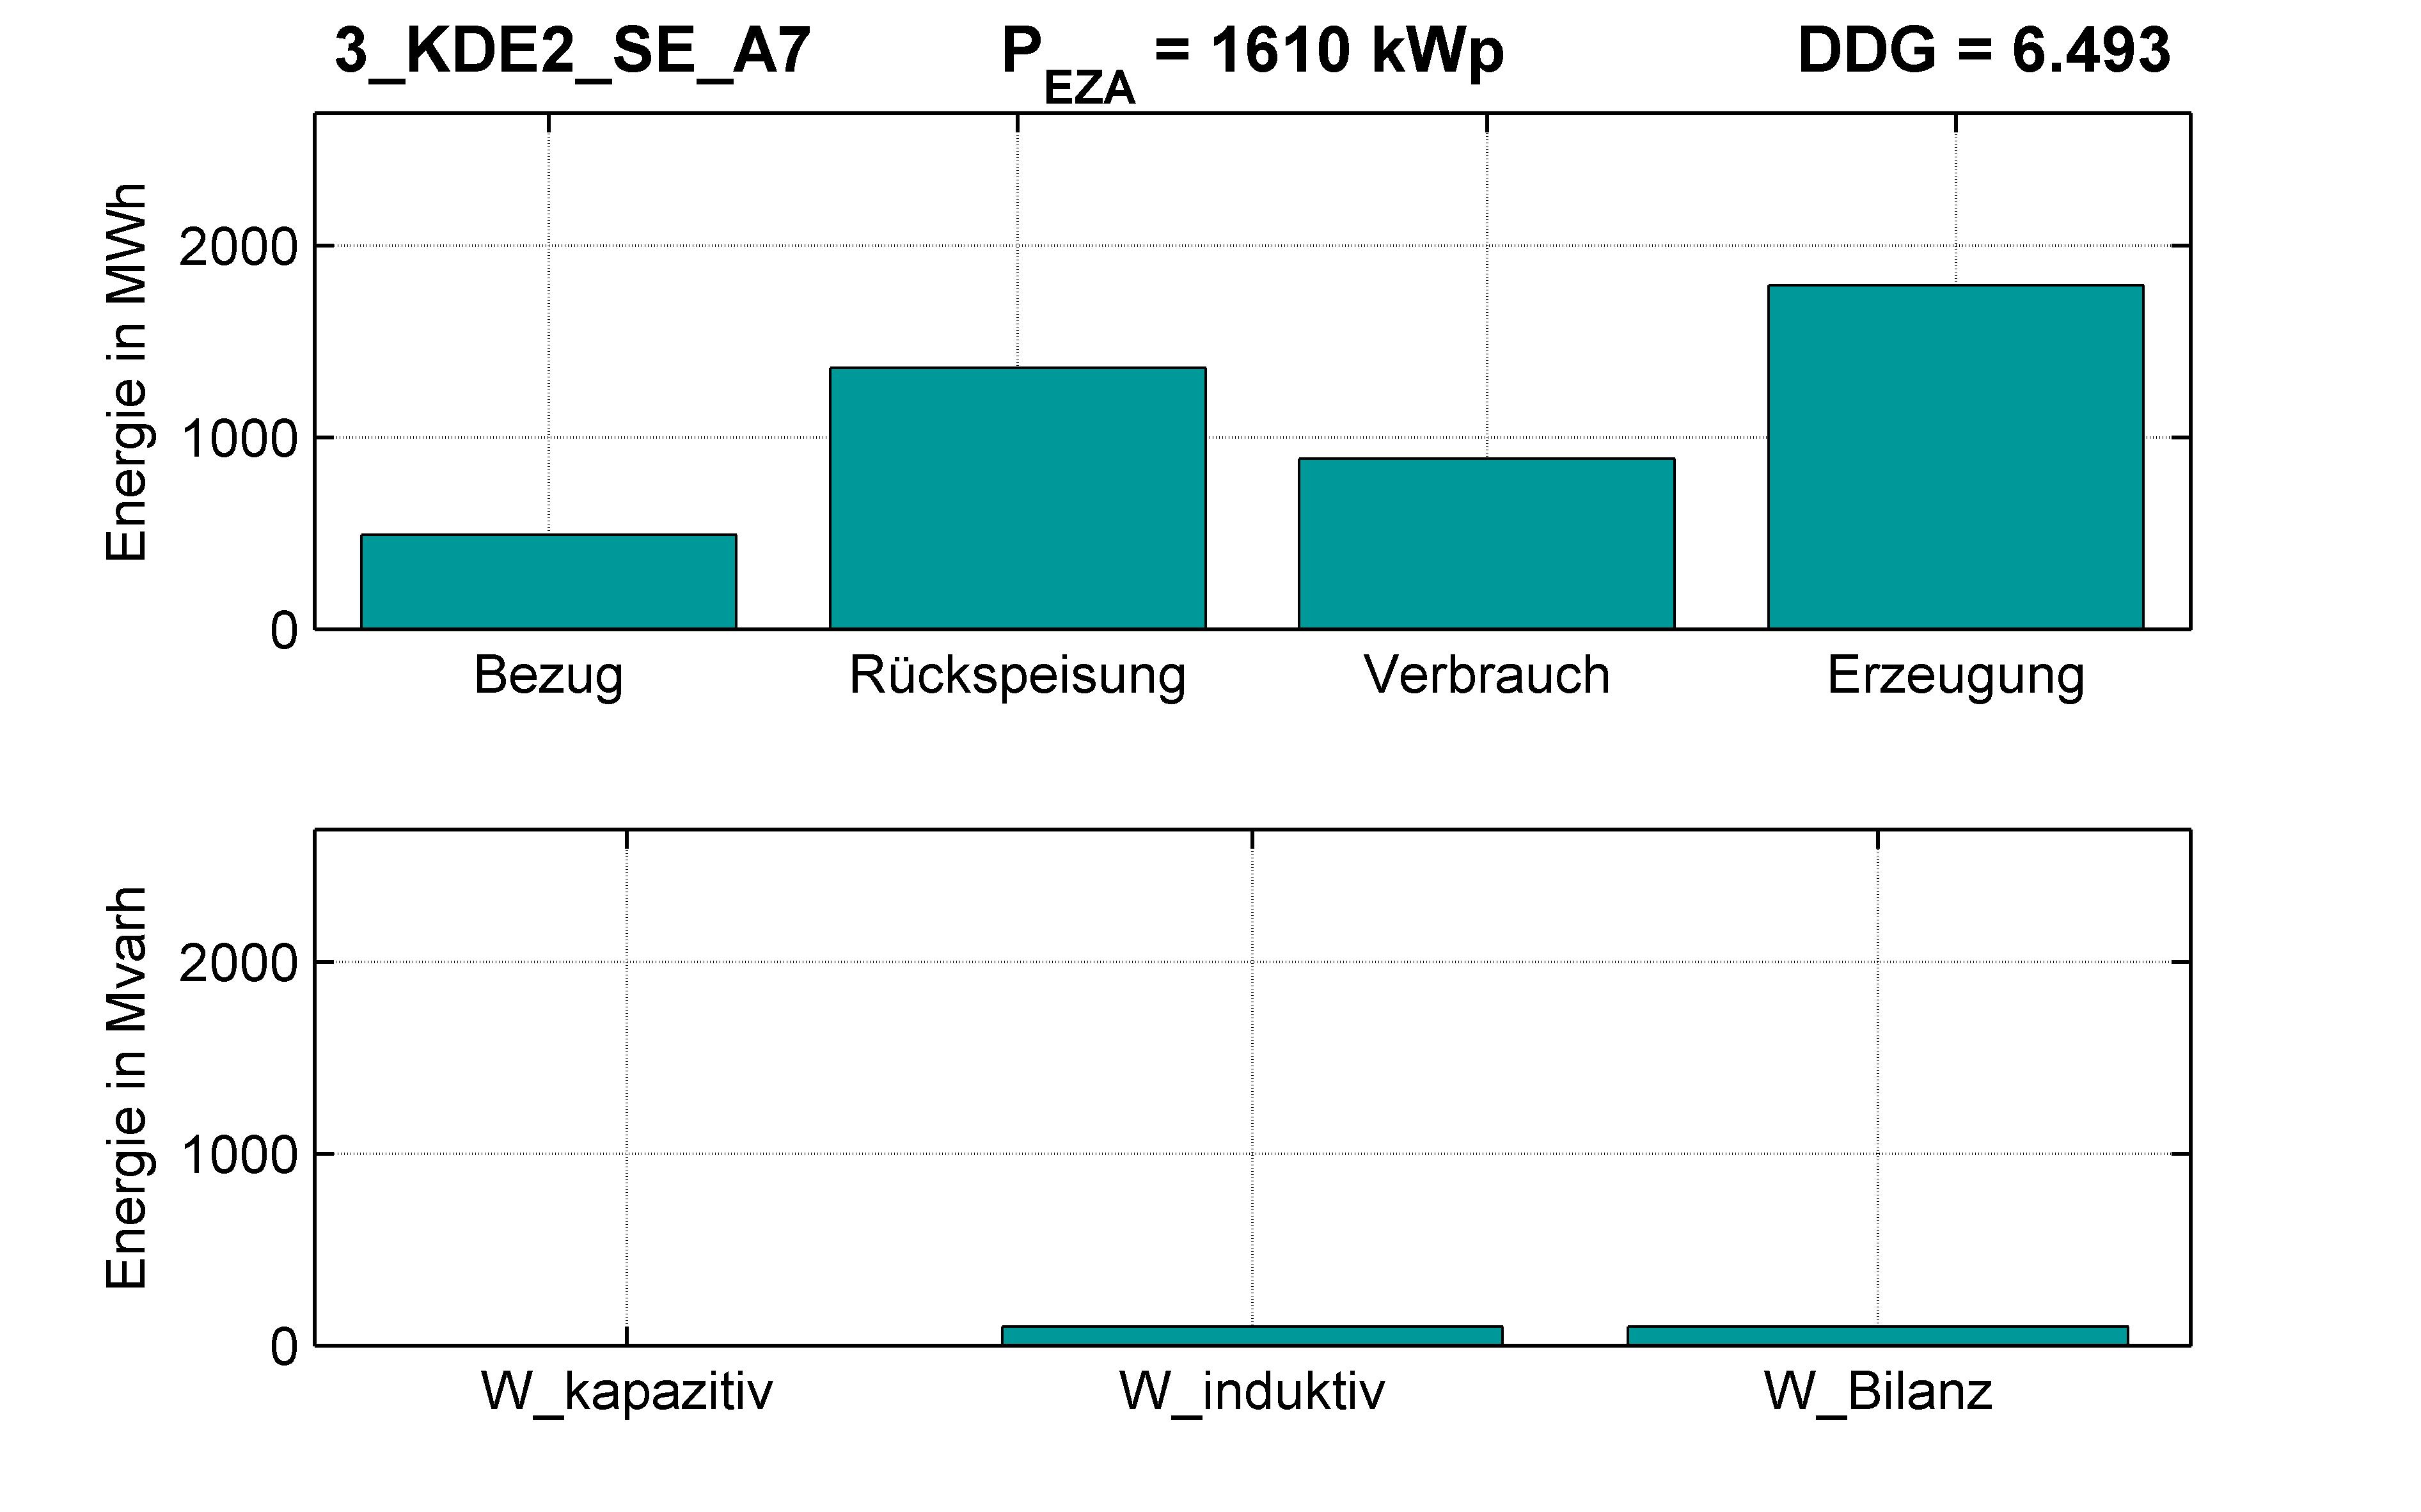 KDE2 | P-Kappung 70% (SE) A7 | PQ-Bilanz